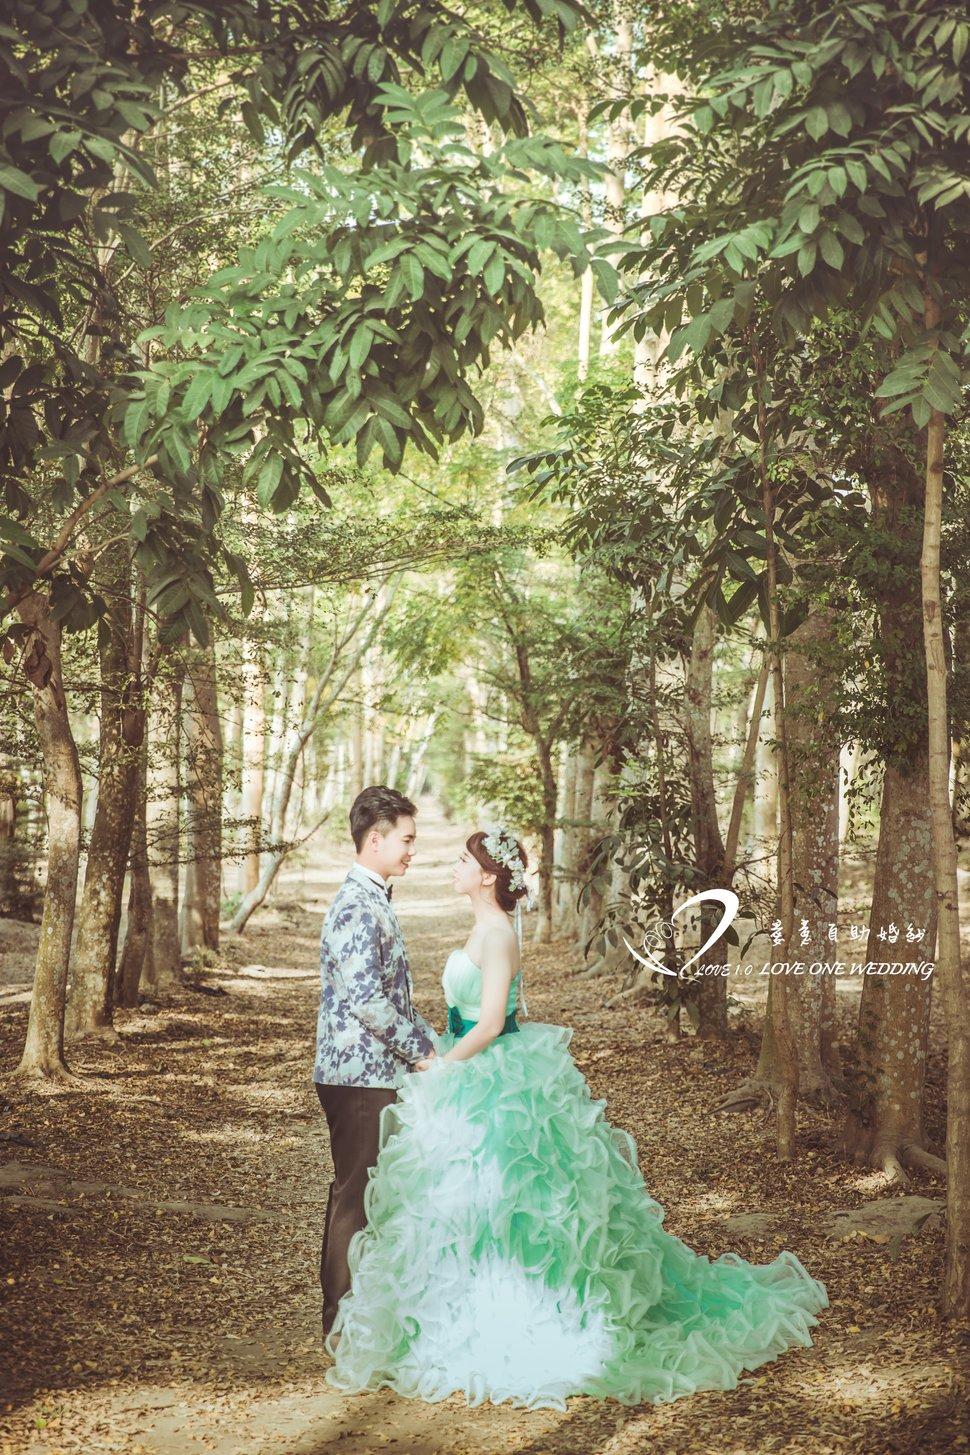 高雄愛意自助婚紗台南景點40 - 高雄婚紗愛意婚紗攝影工作室《結婚吧》